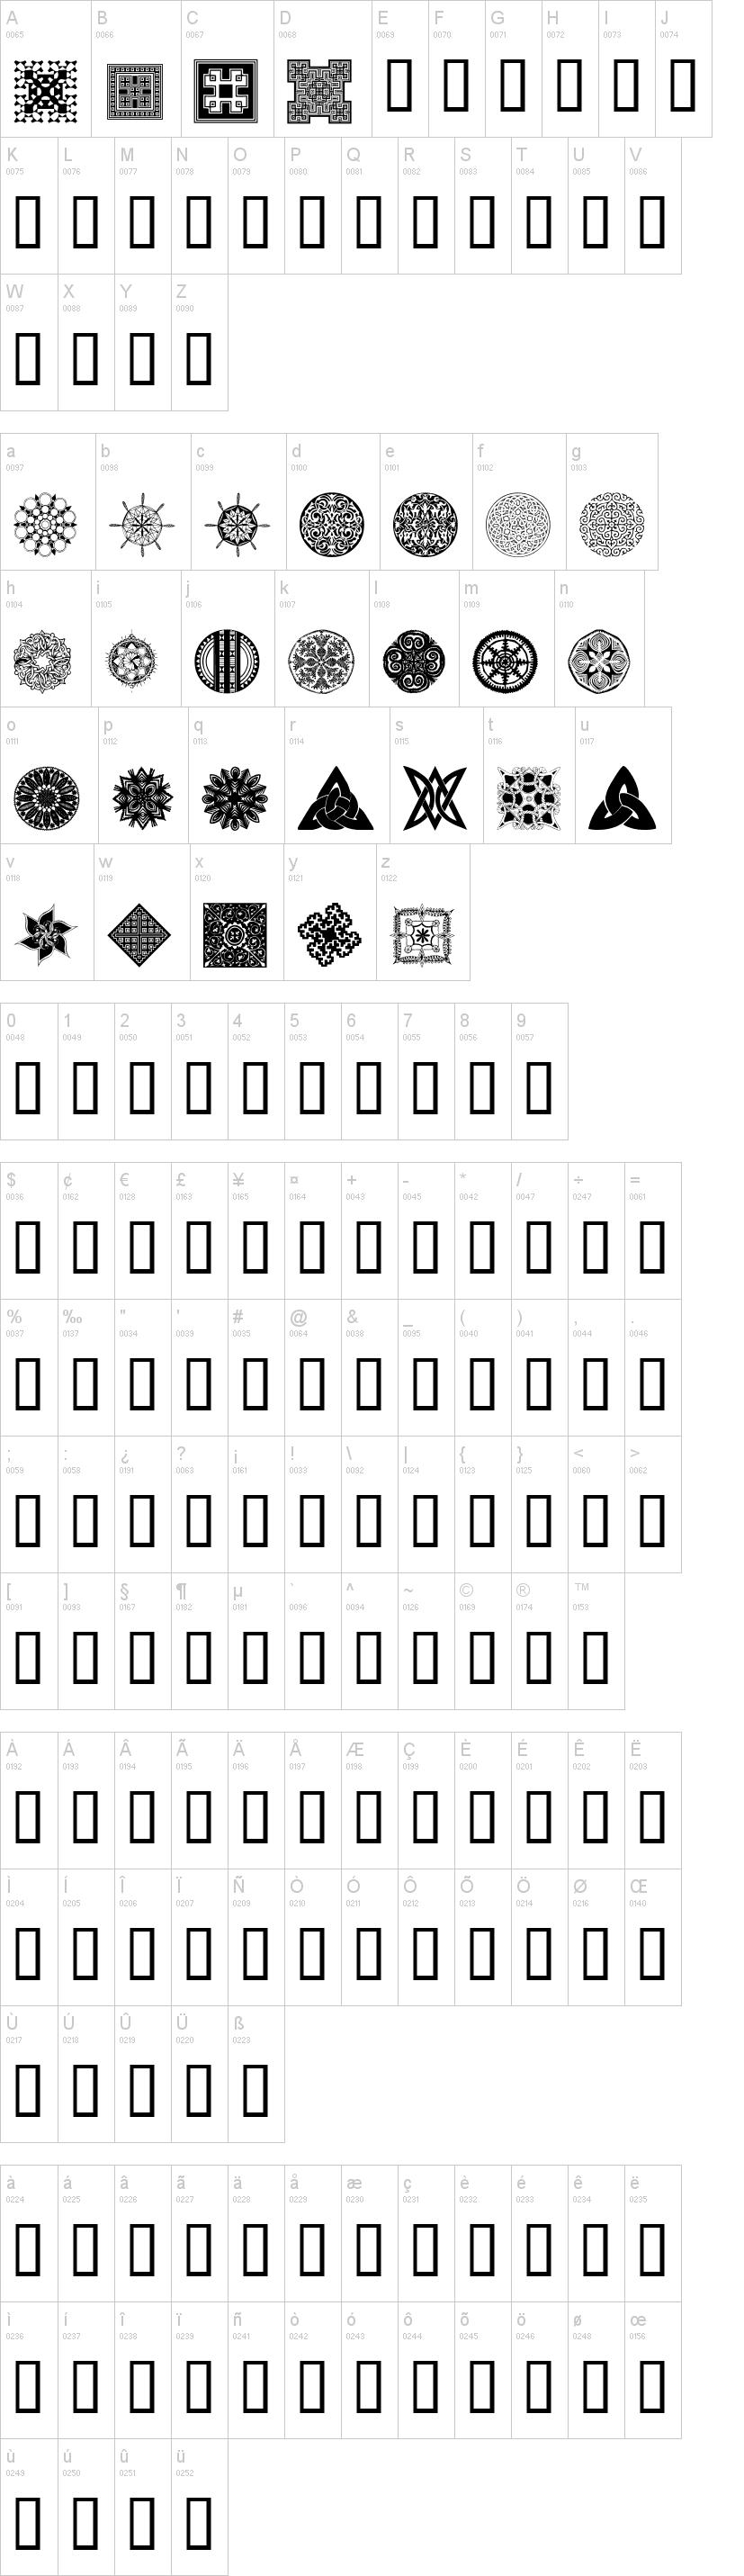 WM Designs 2 Font | dafont com